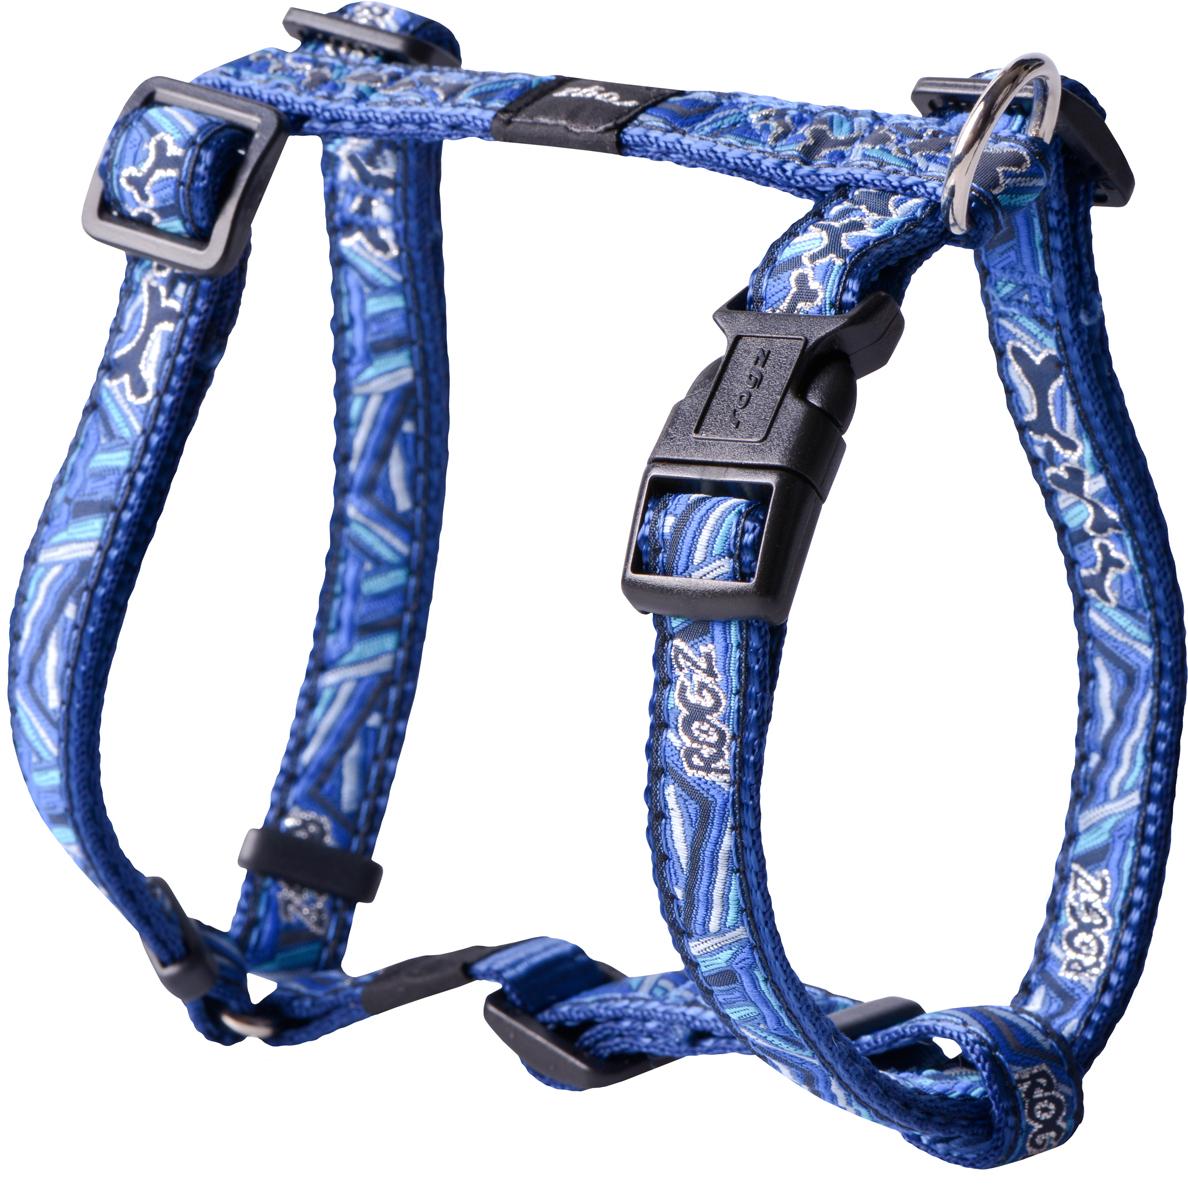 Шлейка для собак Rogz Fancy Dress, цвет: голубой, ширина 1,6 смSJ12CDШлейка для собак Rogz Fancy Dress имеет необычный дизайн. Широкая гамма потрясающе красивых орнаментов на прочной тесьме поверх нейлоновой ленты украсит вашего питомца.Застегивается, не доставляя неудобство собаке.Специальная конструкция пряжки Rog Loc - очень крепкая(система Fort Knox). Замок может быть расстегнут только рукой человека.С помощью системы ремней изделие подгоняется под животного индивидуально.Необыкновенно крепкая и прочная шлейка.Выполненные по заказу литые кольца выдерживают значительные физические нагрузки и имеют хромирование, нанесенное гальваническим способом, что позволяет избежать коррозии и потускнения изделия.Легко можно прикрепить к ошейнику и поводку.